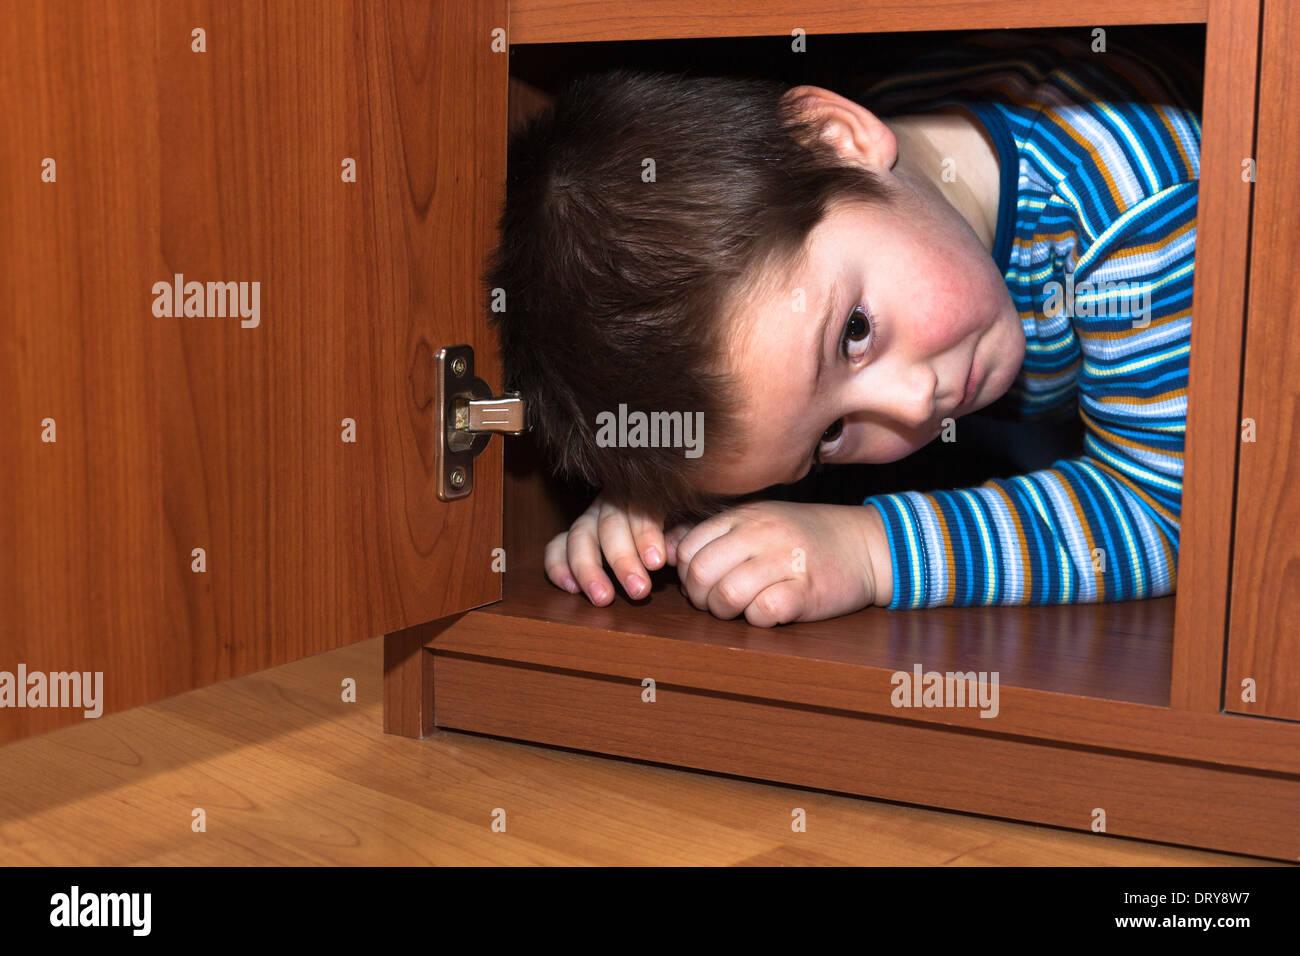 Peur enfant garçon caché dans armoire Photo Stock